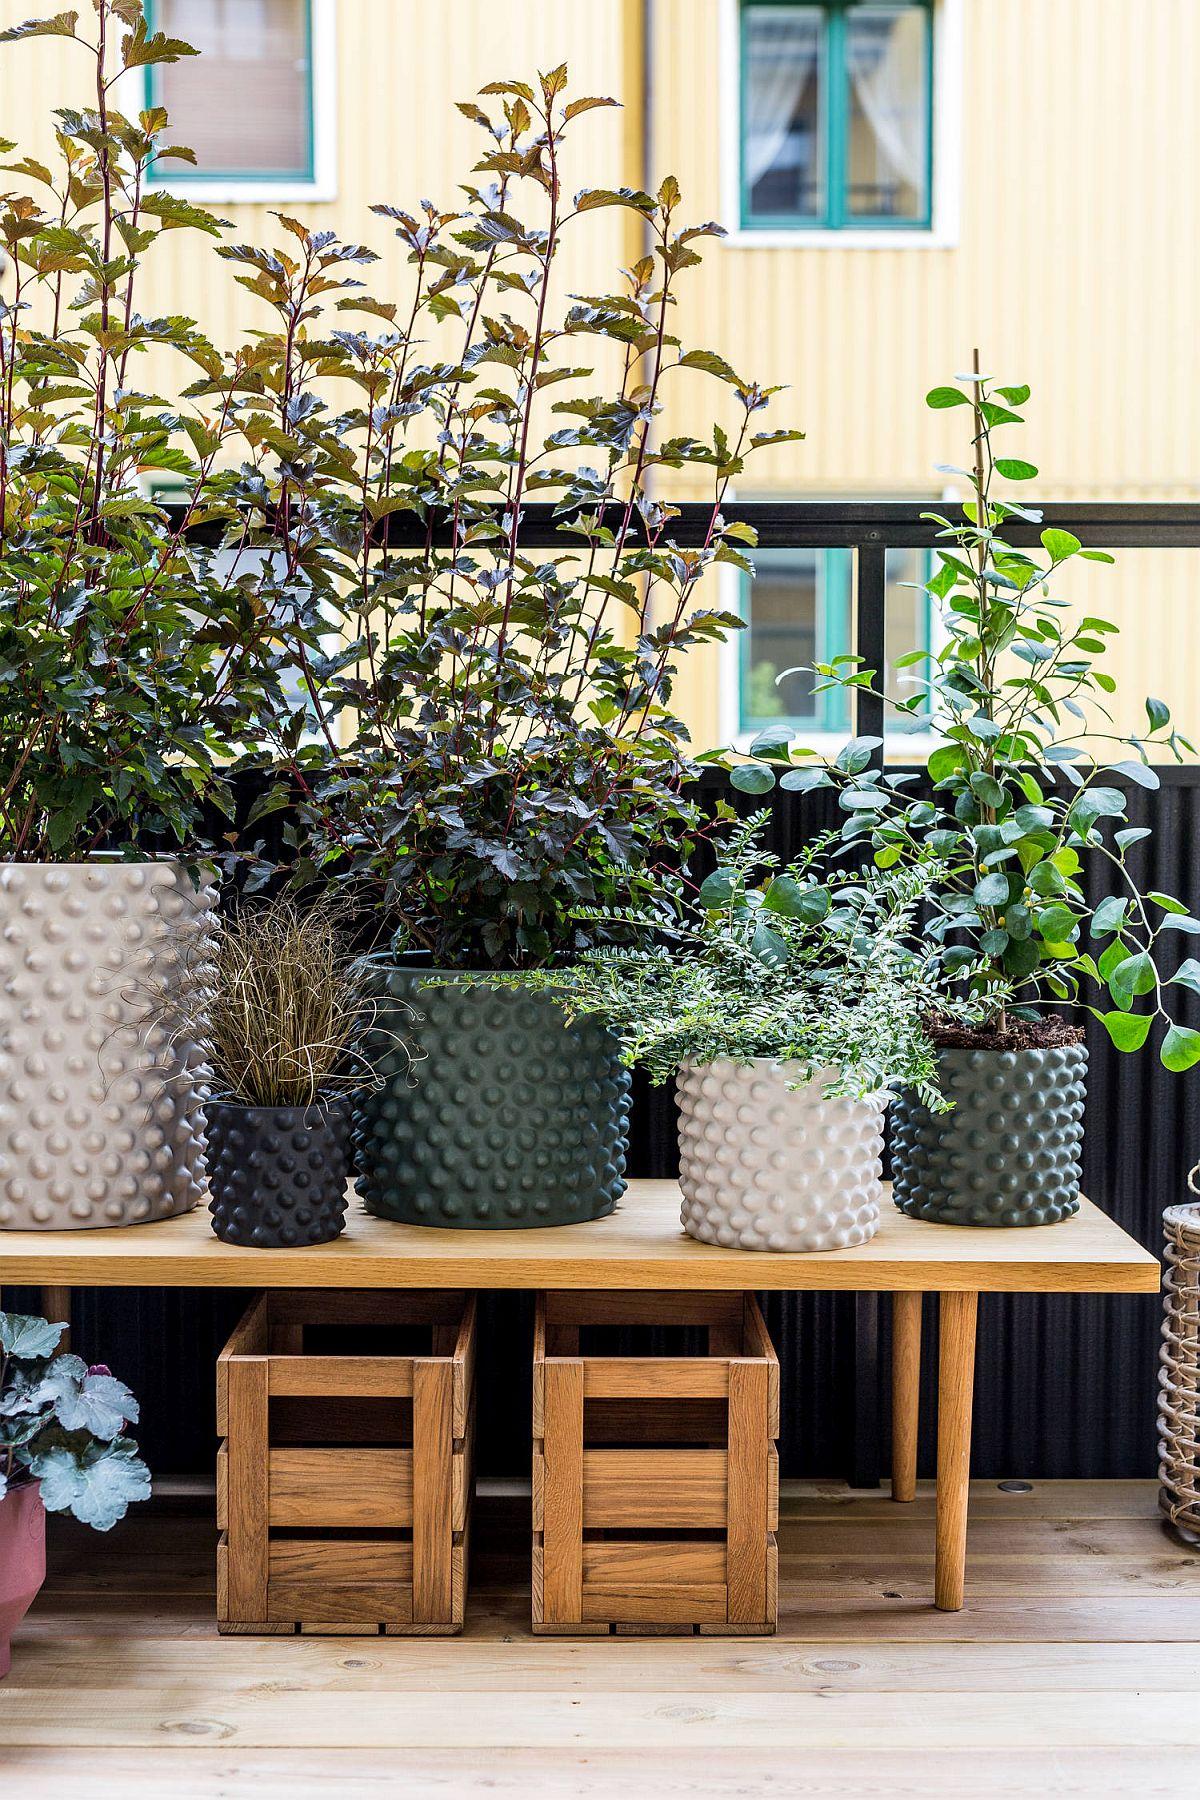 Contează mult nu doar plantele, ci și ghivecele și măștile de ghivece, mai ales dacă plantele urmează să fie transferate în casă pe timpul sezonului rece. De multe ori aspectul unui balcon este alterat de imaginea ghivecelor de plastic, care arată ieftin și neîngrijit. De asemenea, ia în considerare o așezare etajată, o masă îngustă, dar înaltă poate aduce plantele la un nivel al privirii, deci să fie mai vizibile, iar de desubt căștigi spațiu de depozitare. Sper să te inspire și pe tine!